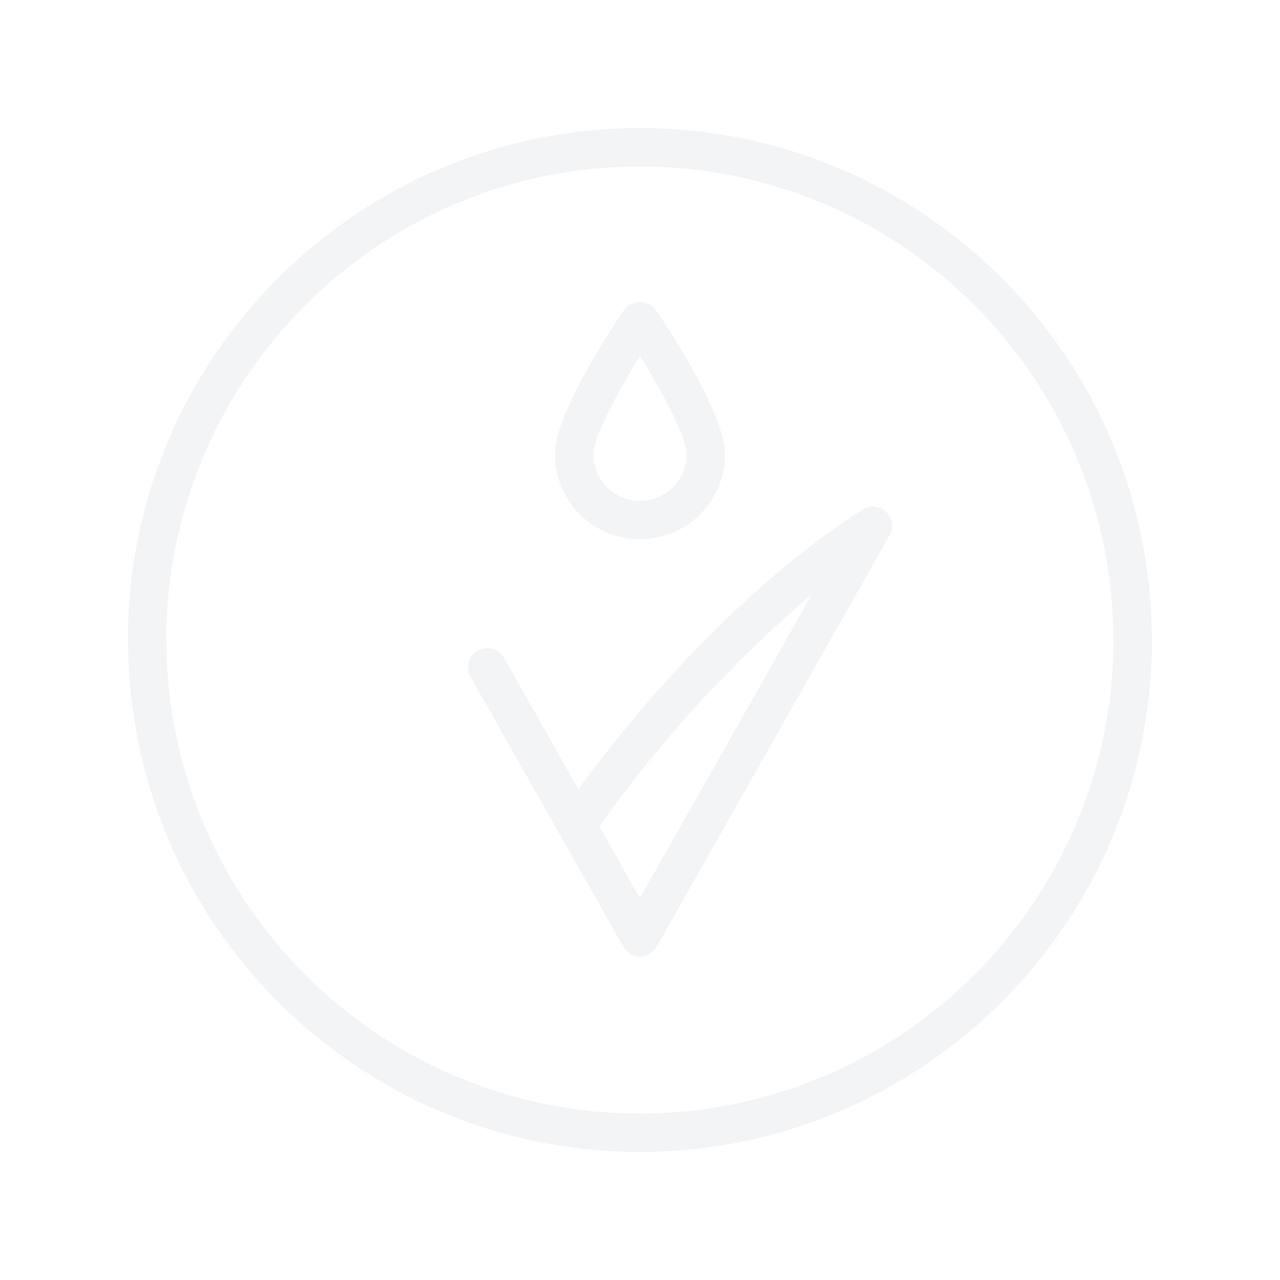 LÖWENGRIP Clean & Calm Facial Cleanser 150ml